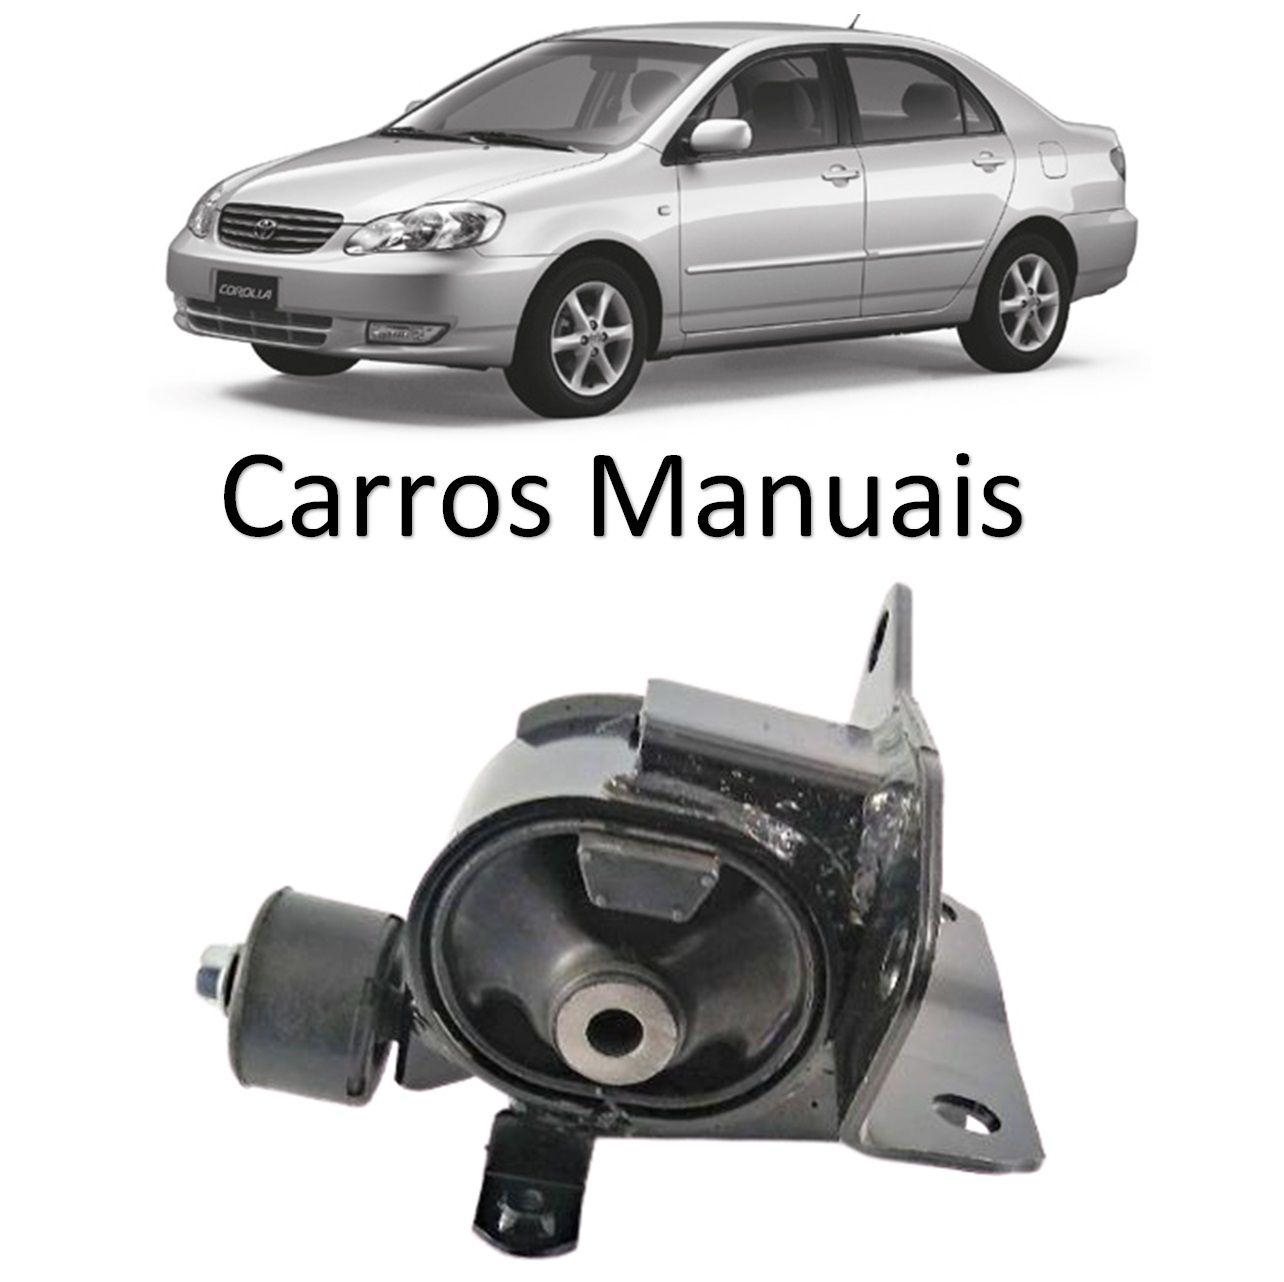 Coxim Dianteiro Motor Esquerdo Corolla 2002 2003 2004 2005 2006 2007 2008 Manual